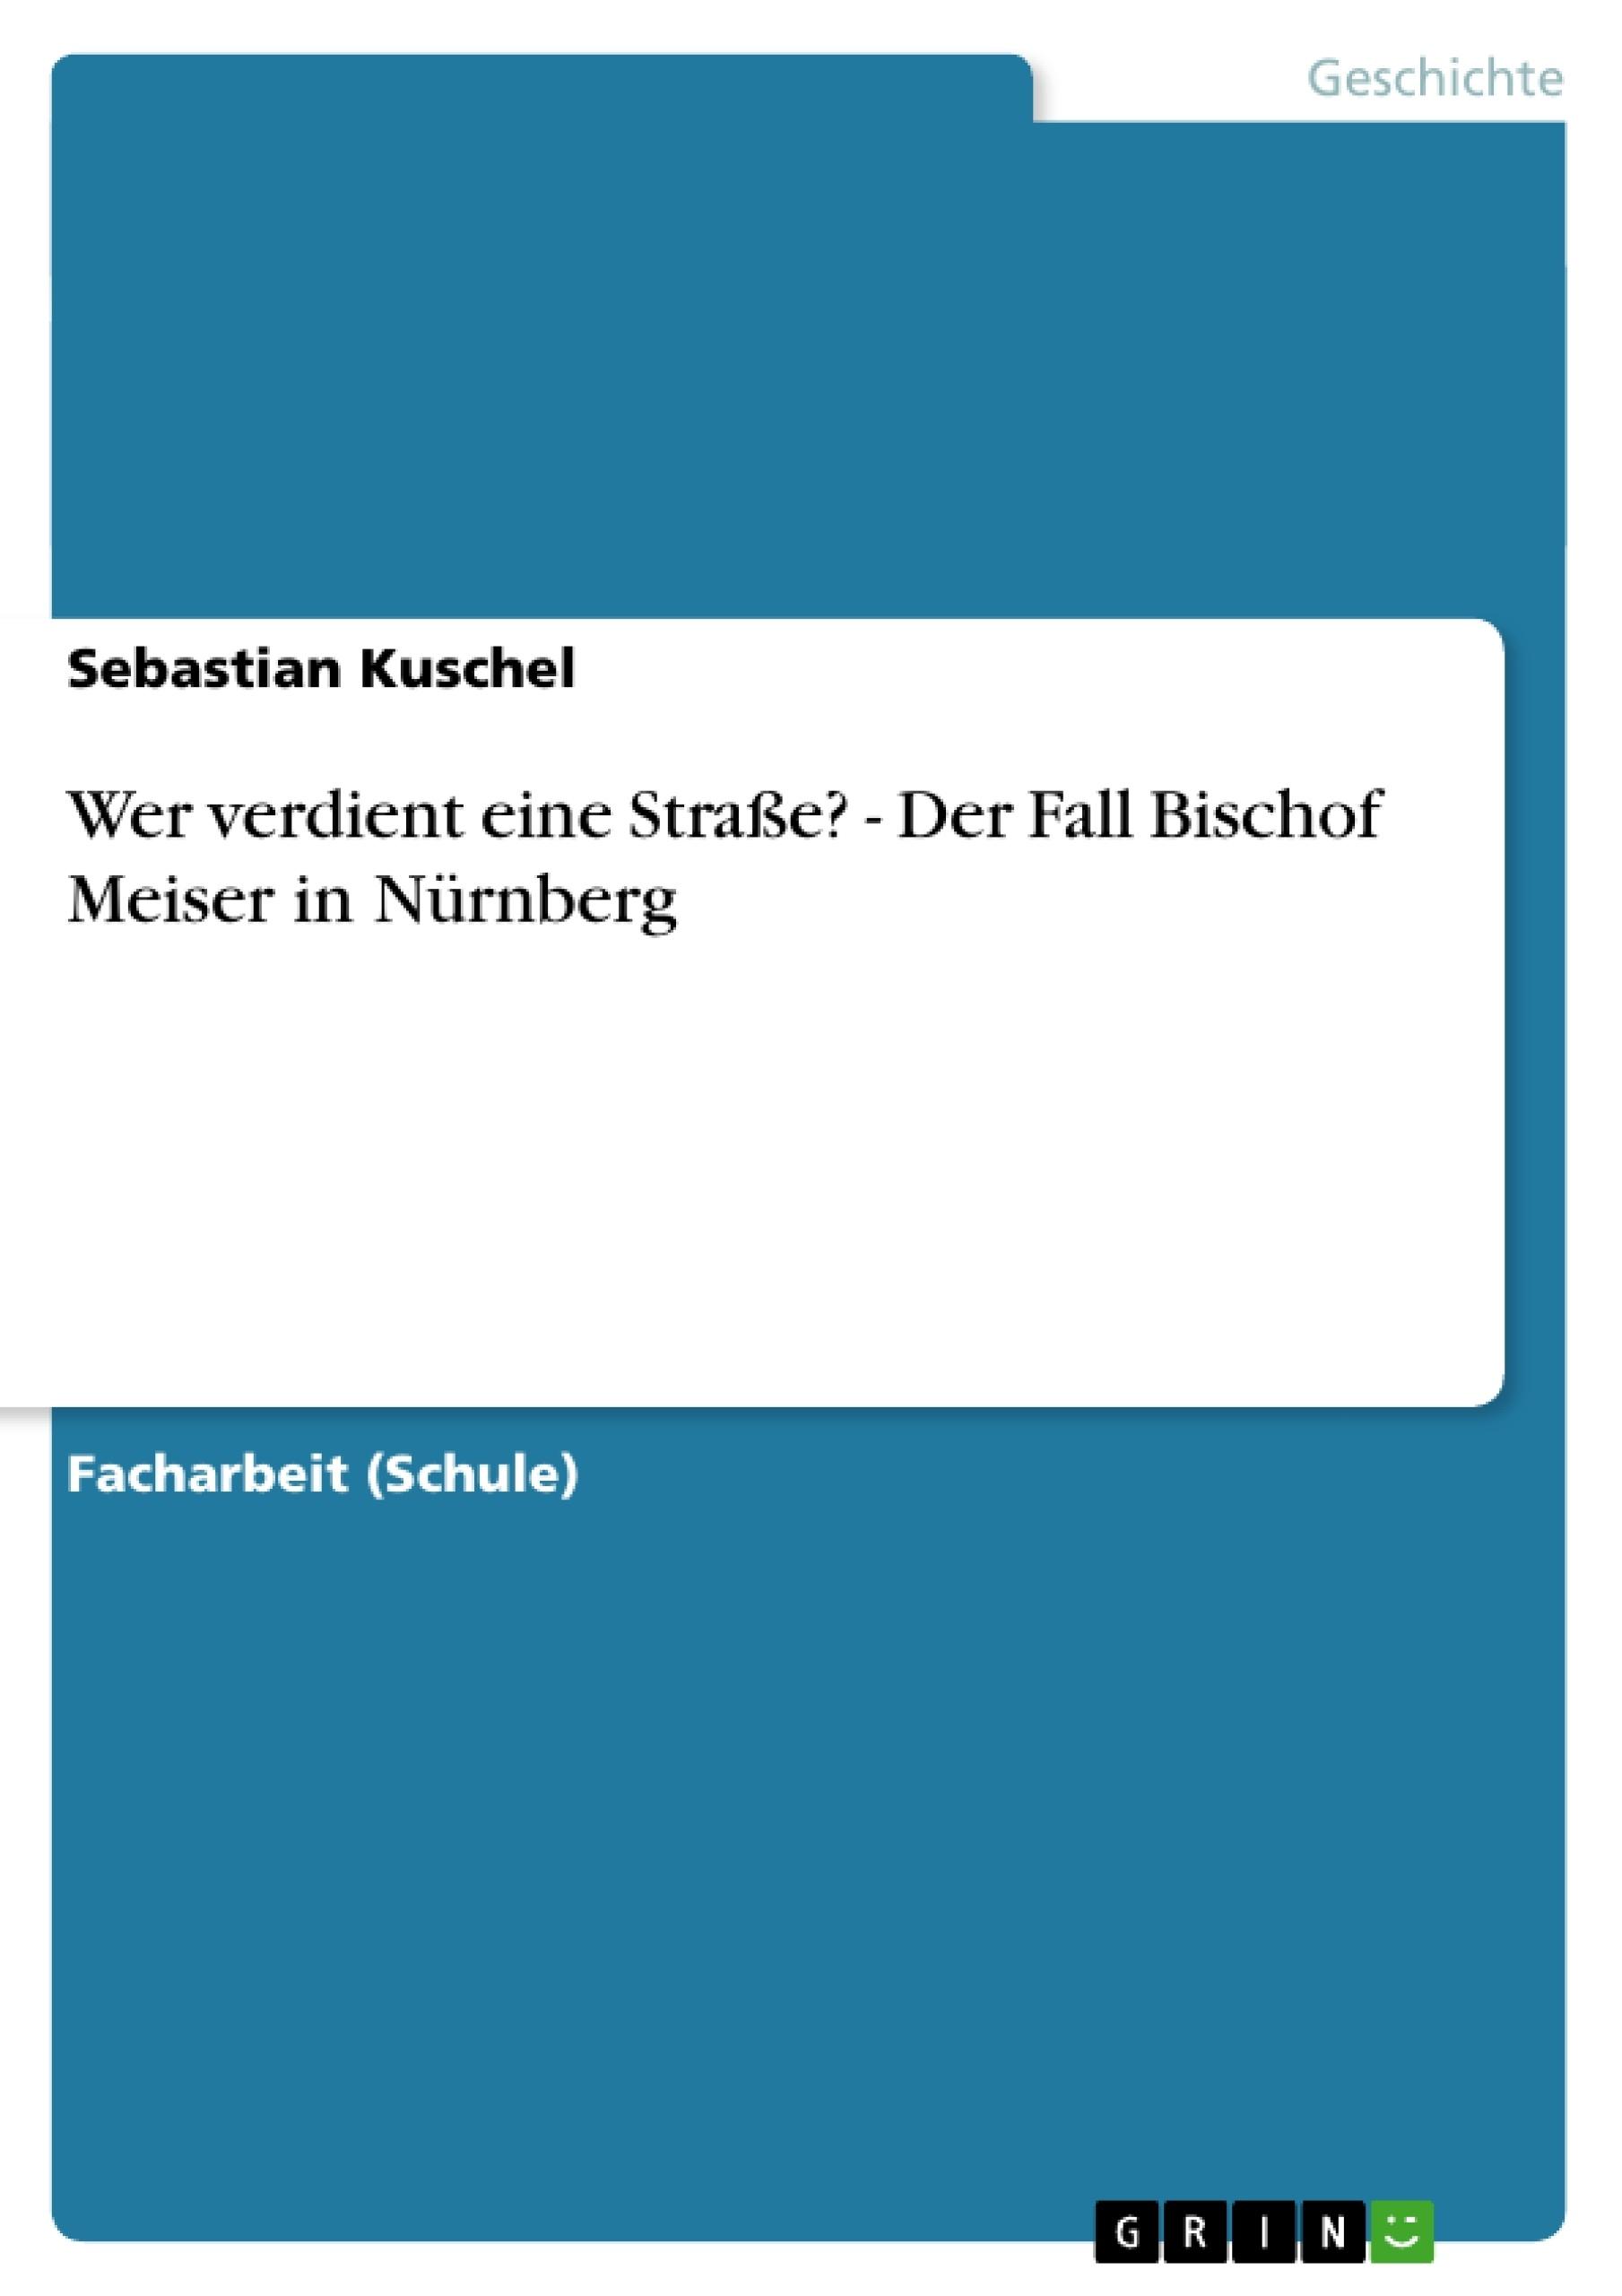 Titel: Wer verdient eine Straße? - Der Fall Bischof Meiser in Nürnberg